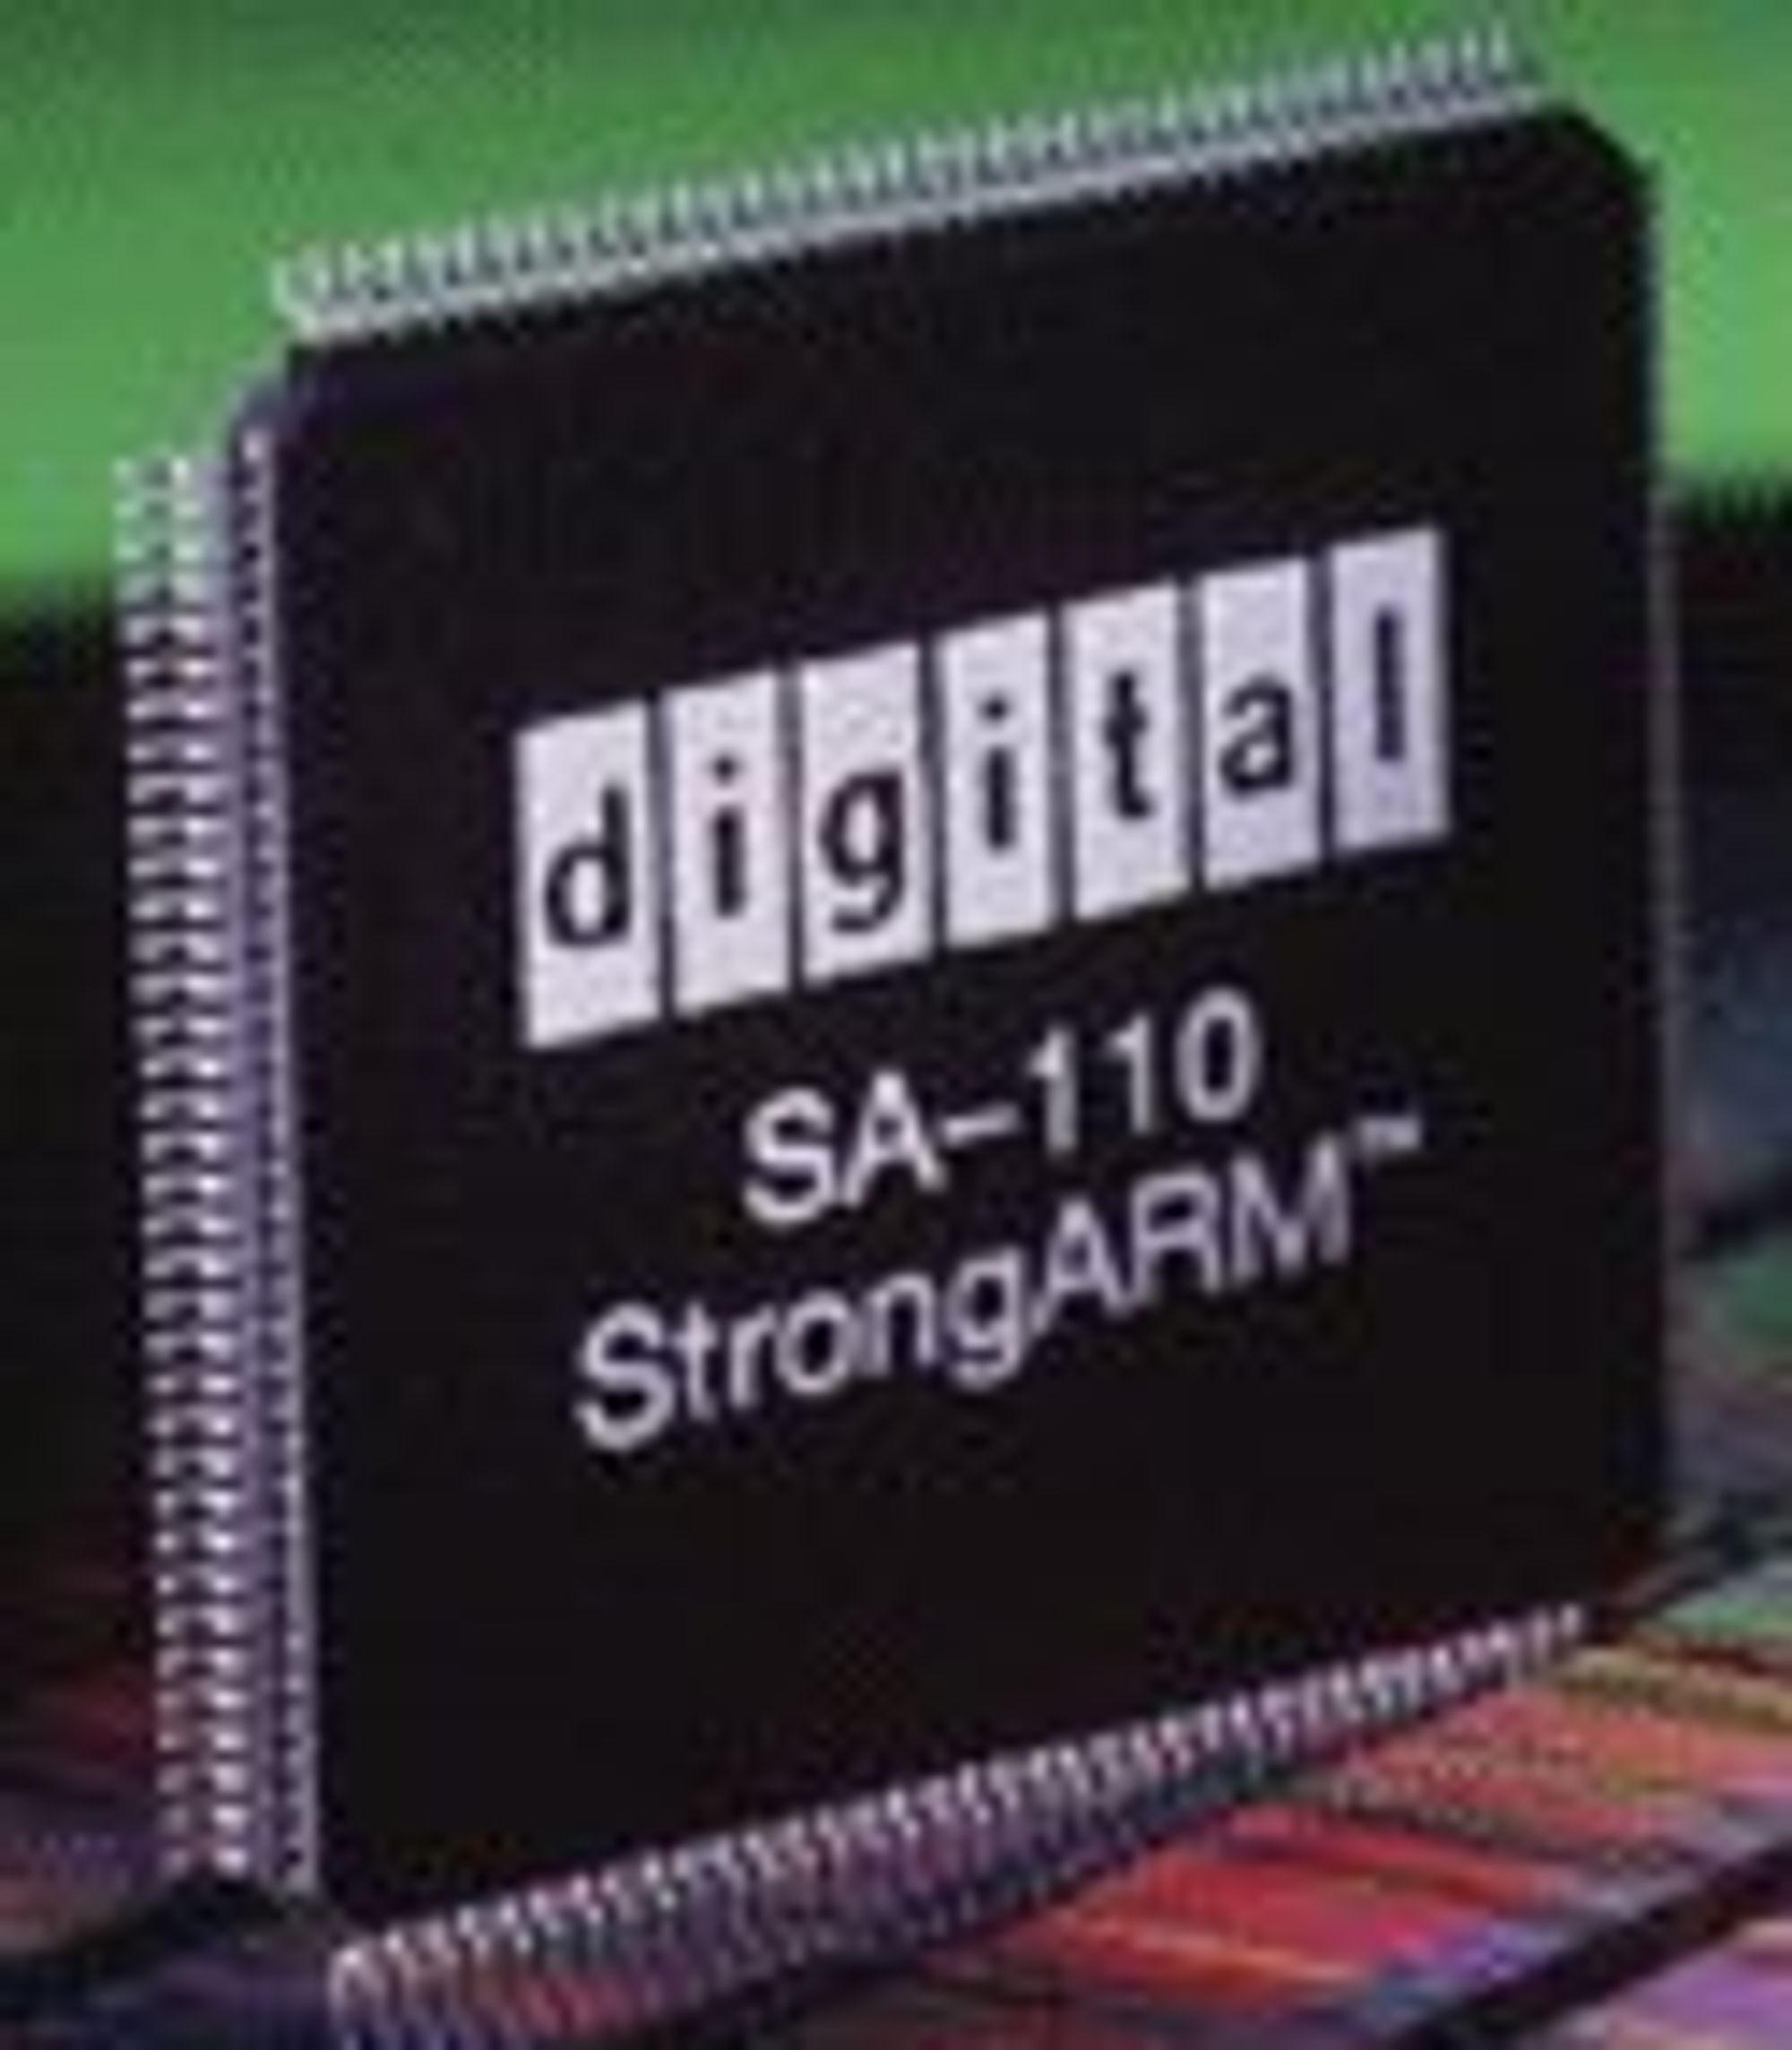 Prosessoren Digital SA-110 StrongARM